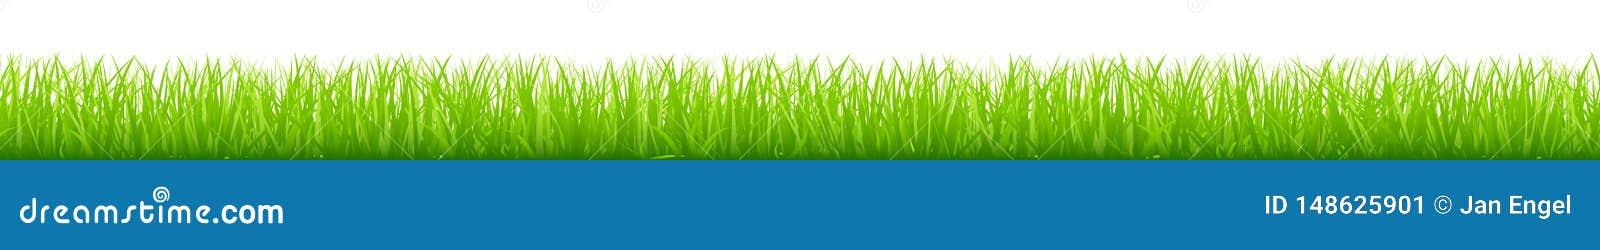 Bandeira horizontal longa do prado verde reto gráfico